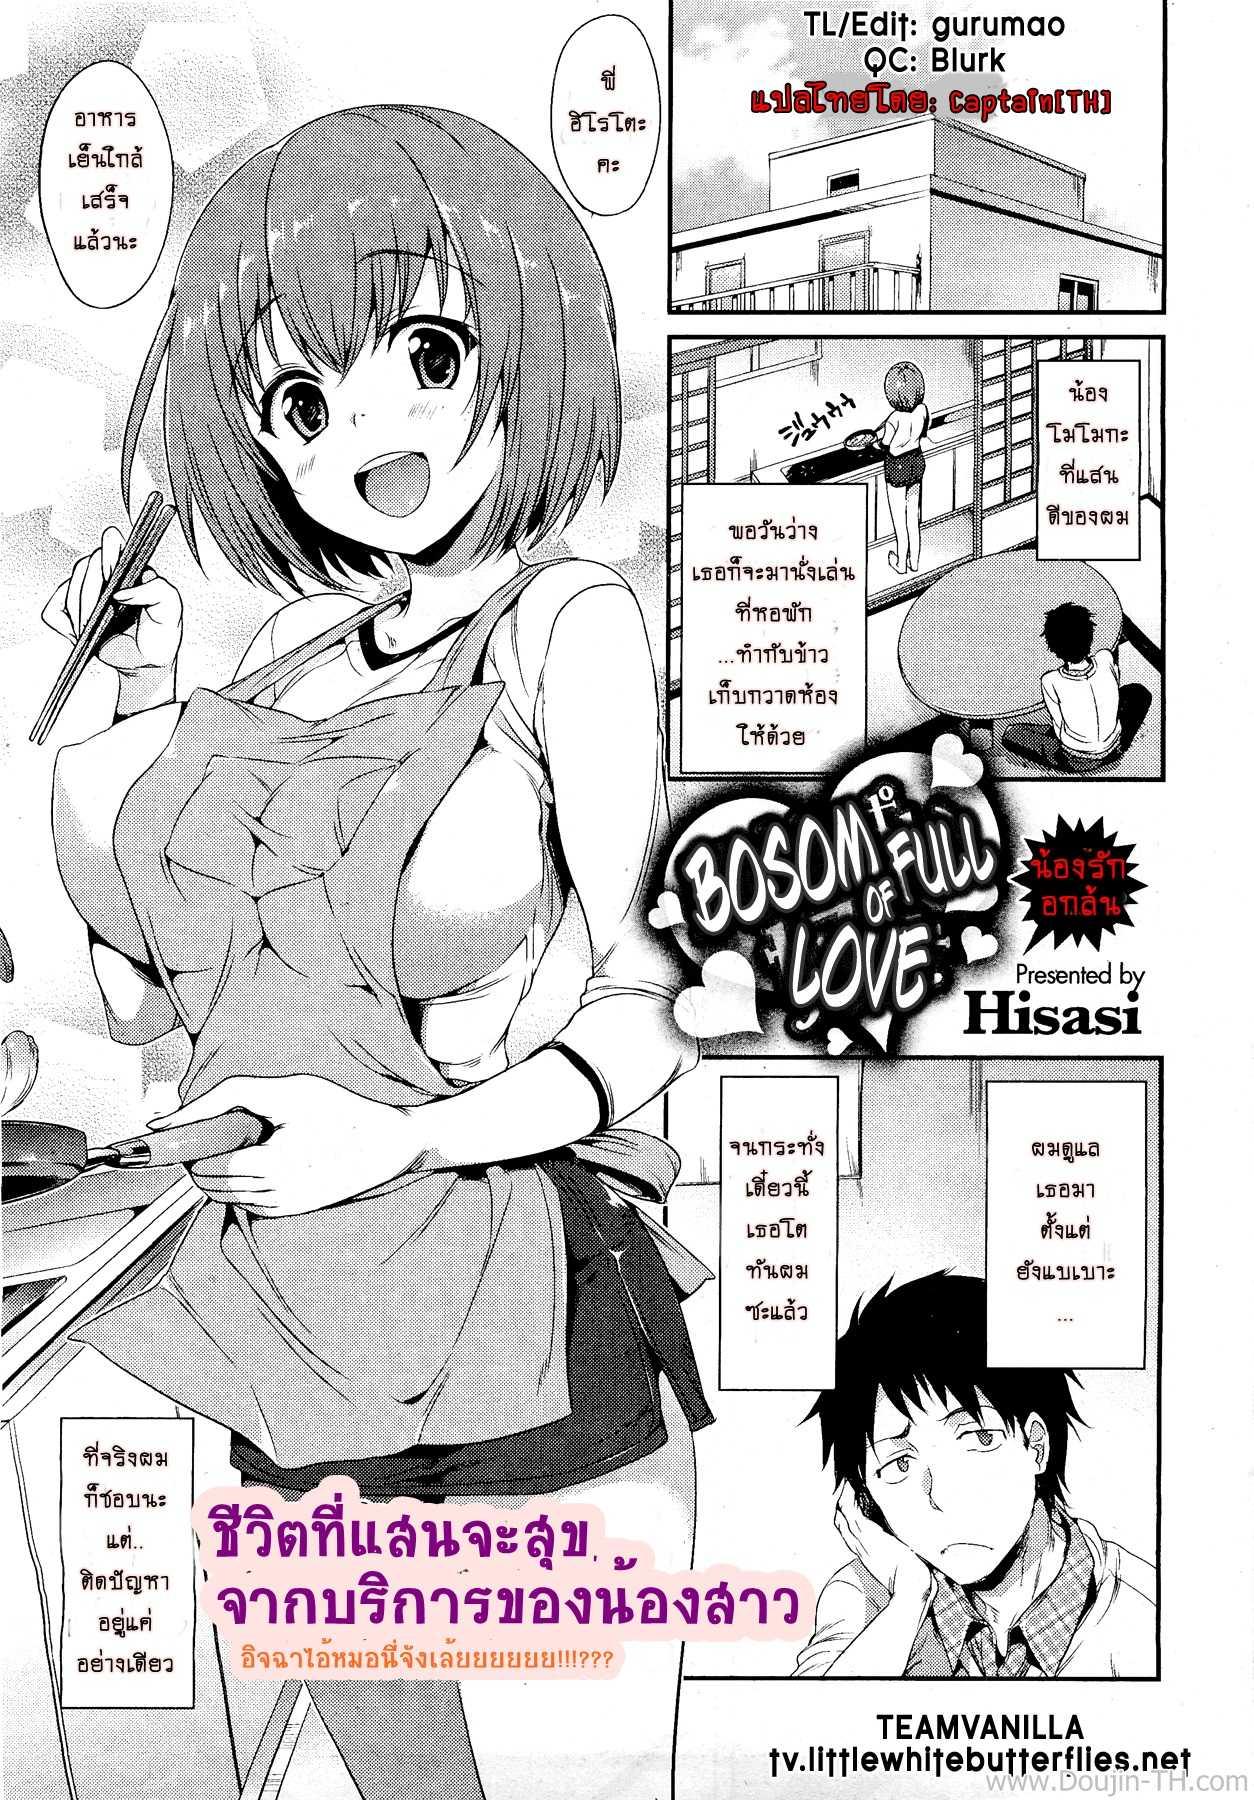 hisasi-mune-ippai-no-suki-bosom-full-of-love-comic-hotmilk-2012-03